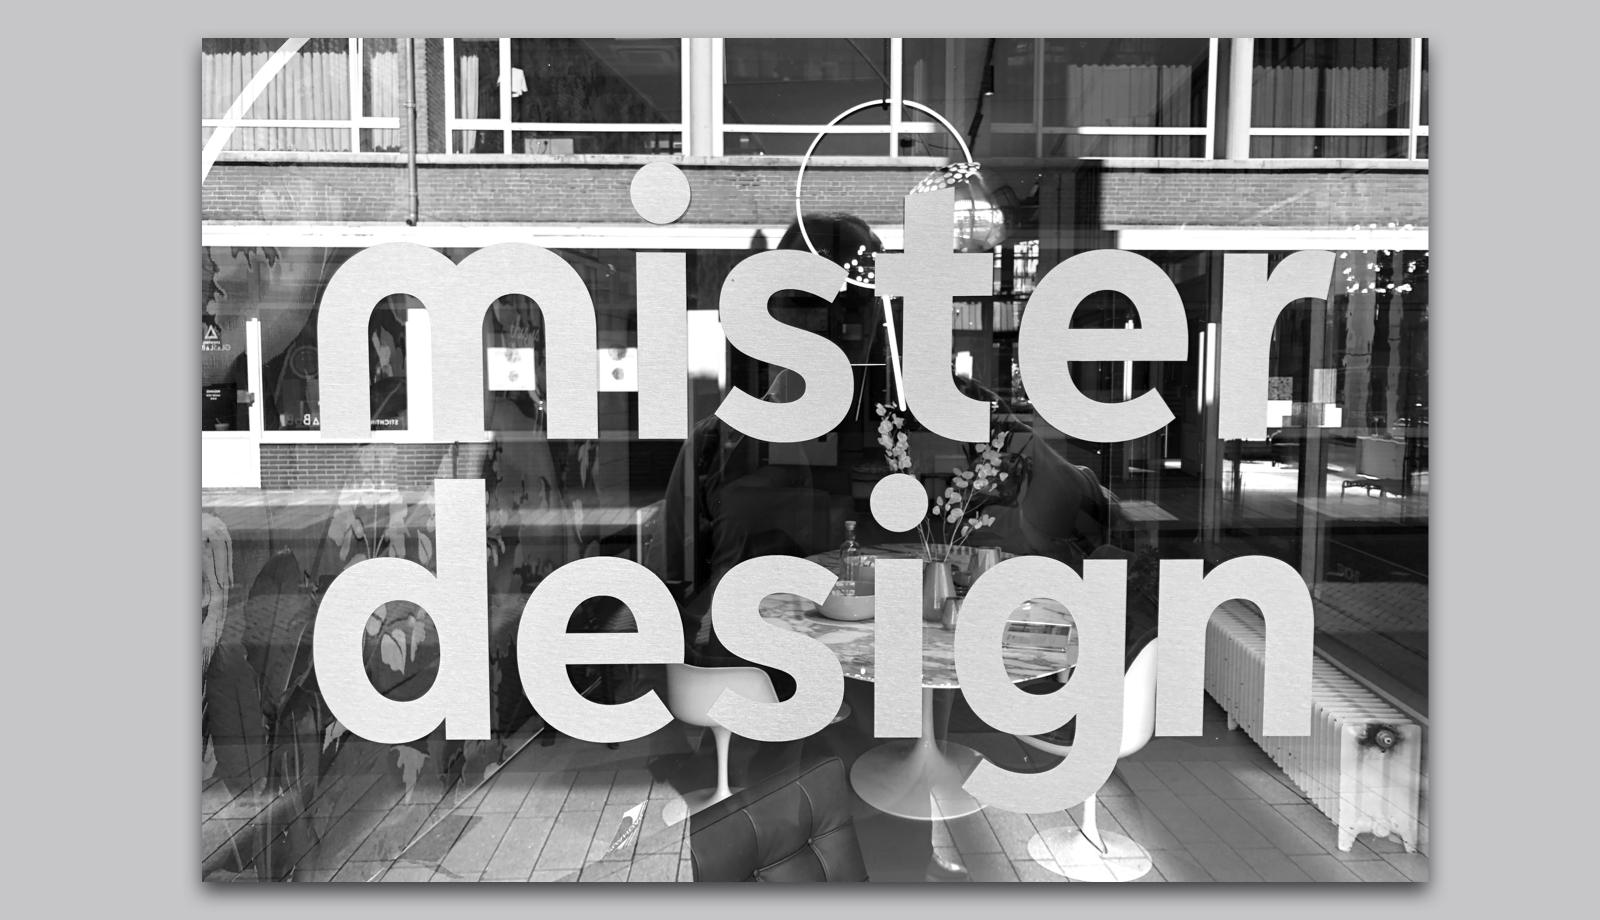 Gestaltungshochschulen, Gestaltungsfakultäten, gestalterische Studiengänge